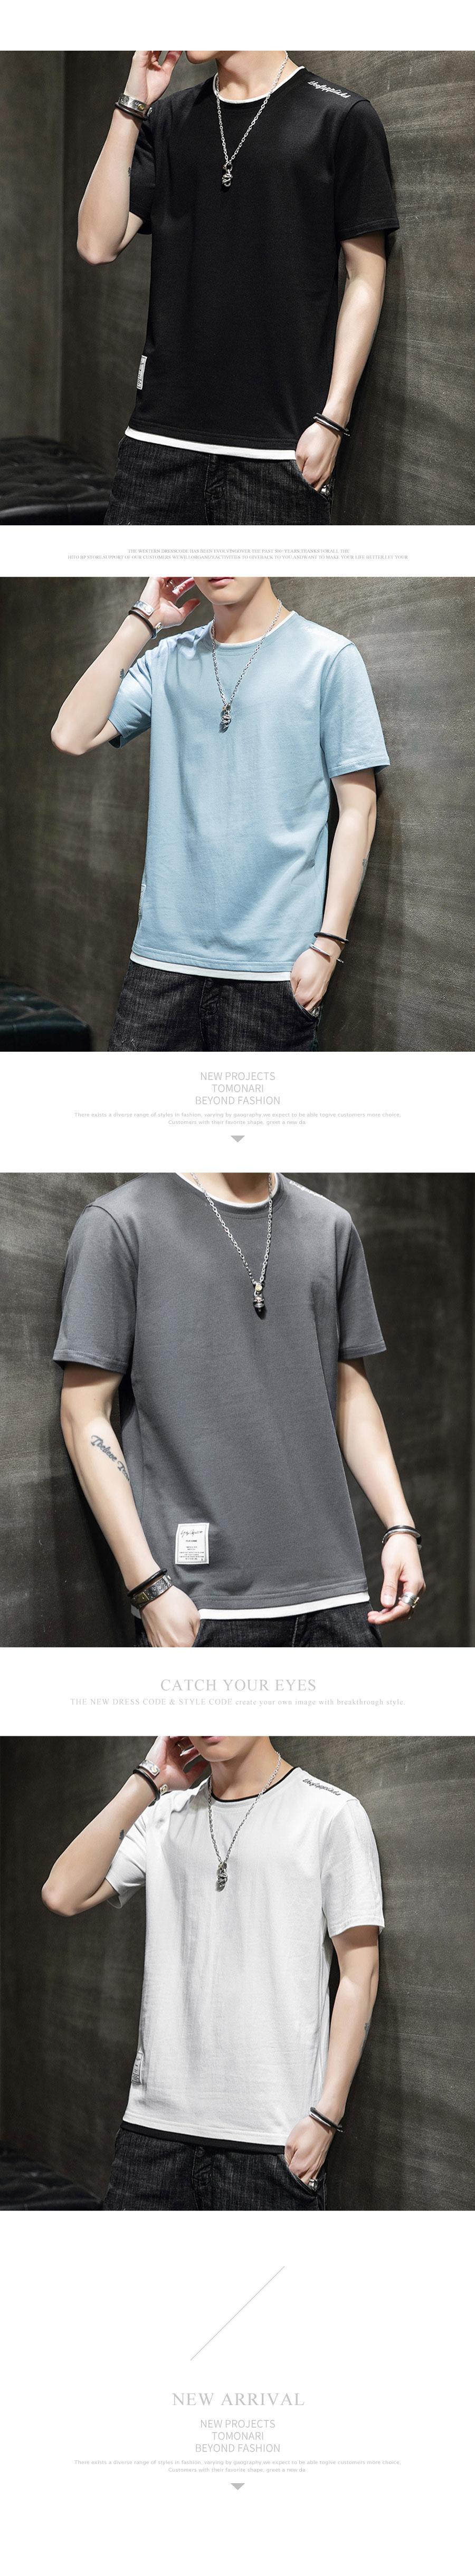 肩部刺繡.精緻假兩件短袖T恤